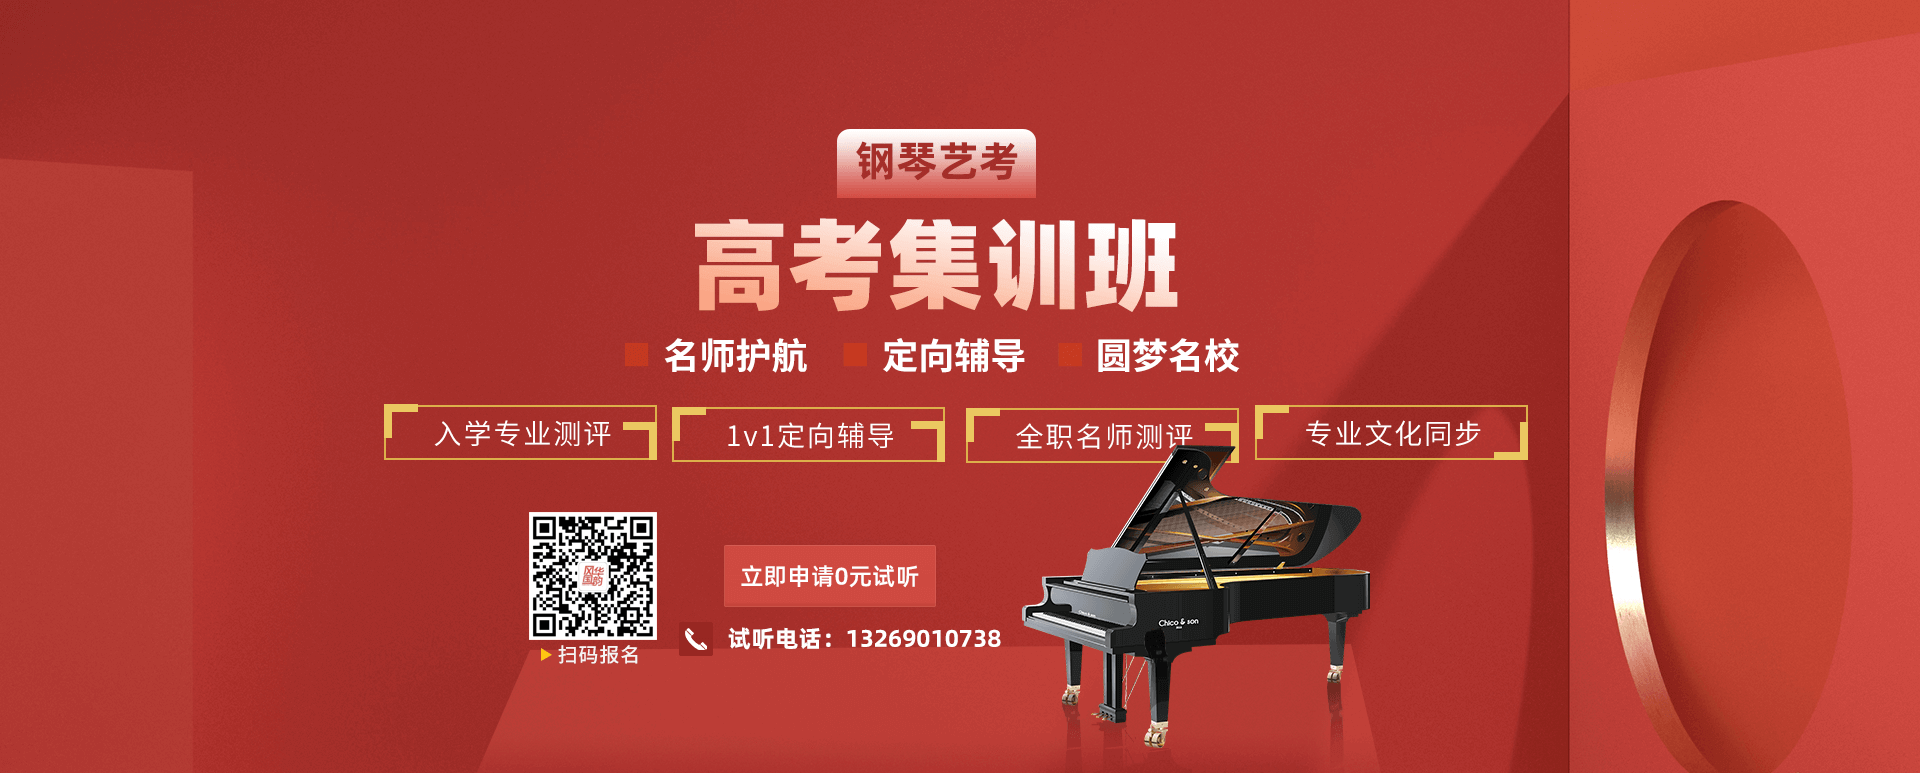 钢琴培训学校